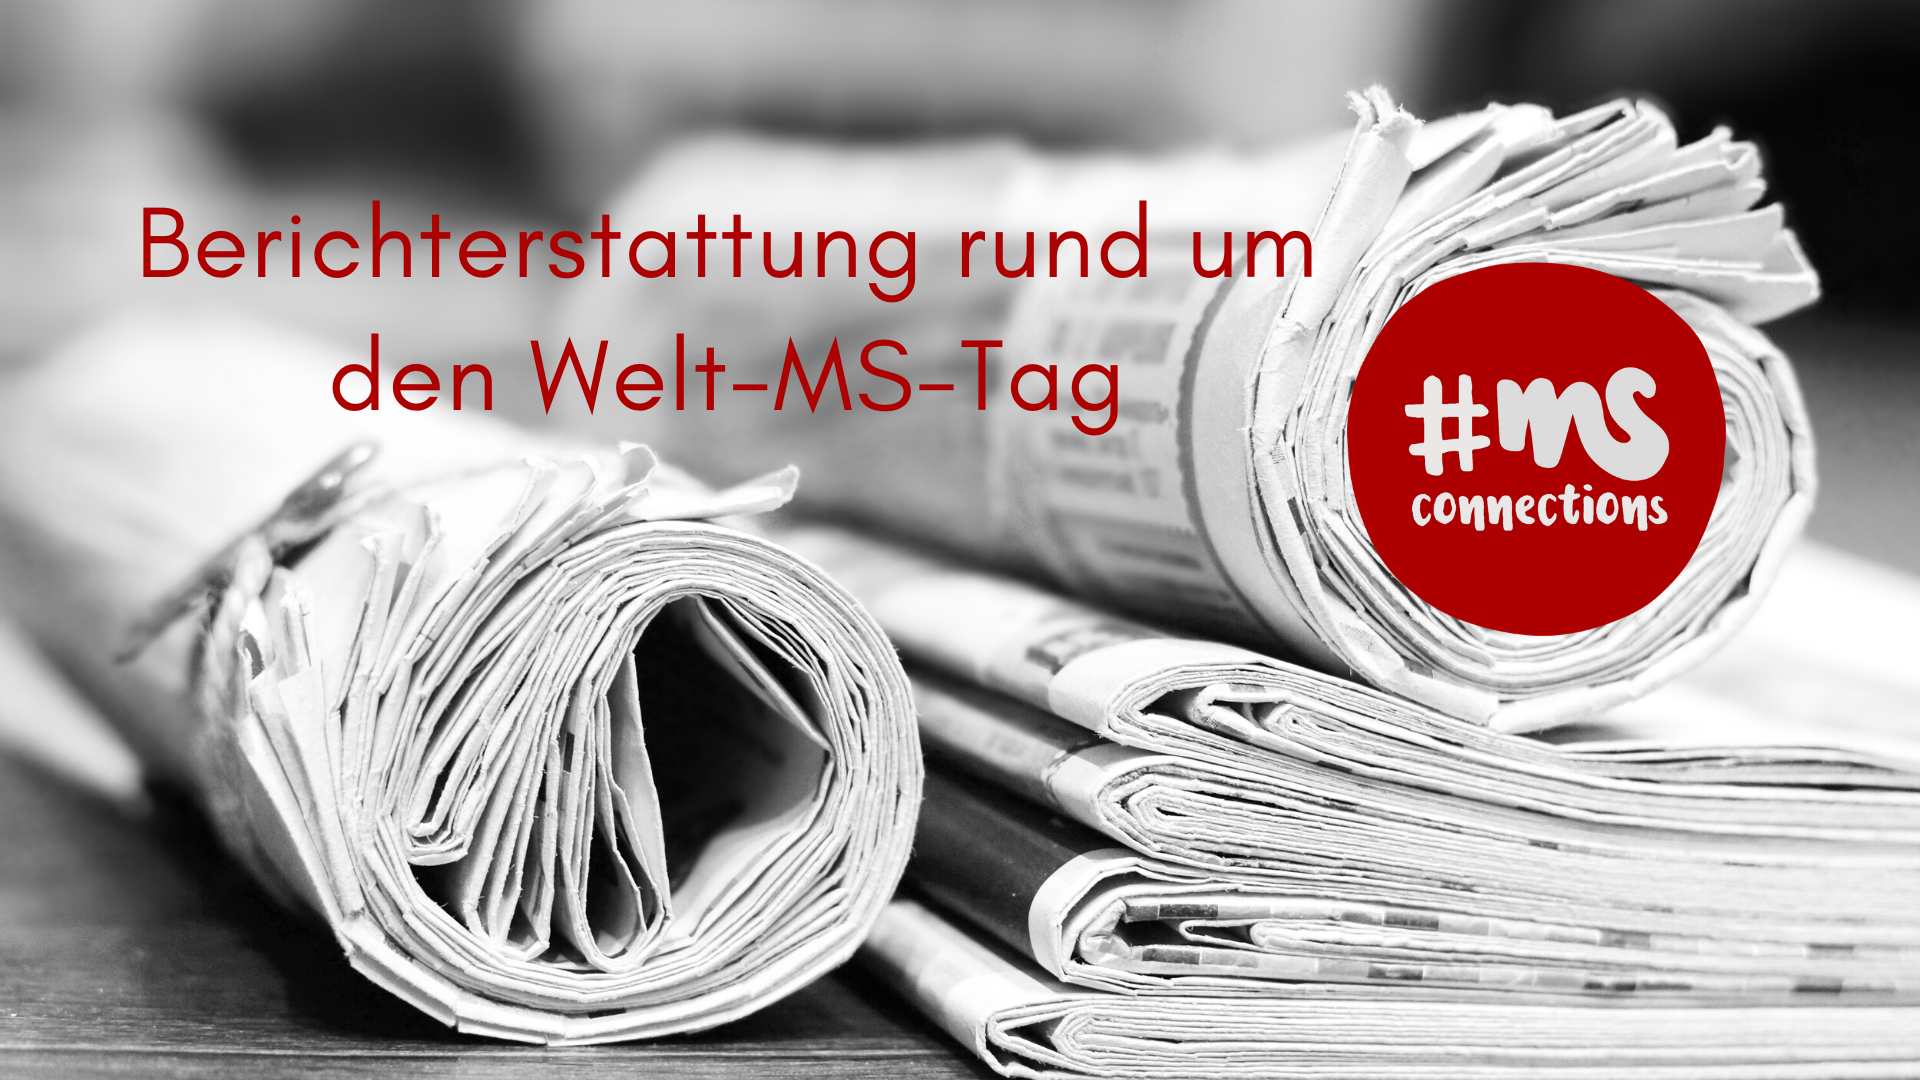 Bild mit Zeitungen, Text: Berichterstattung rund um den Welt-MS-Tag